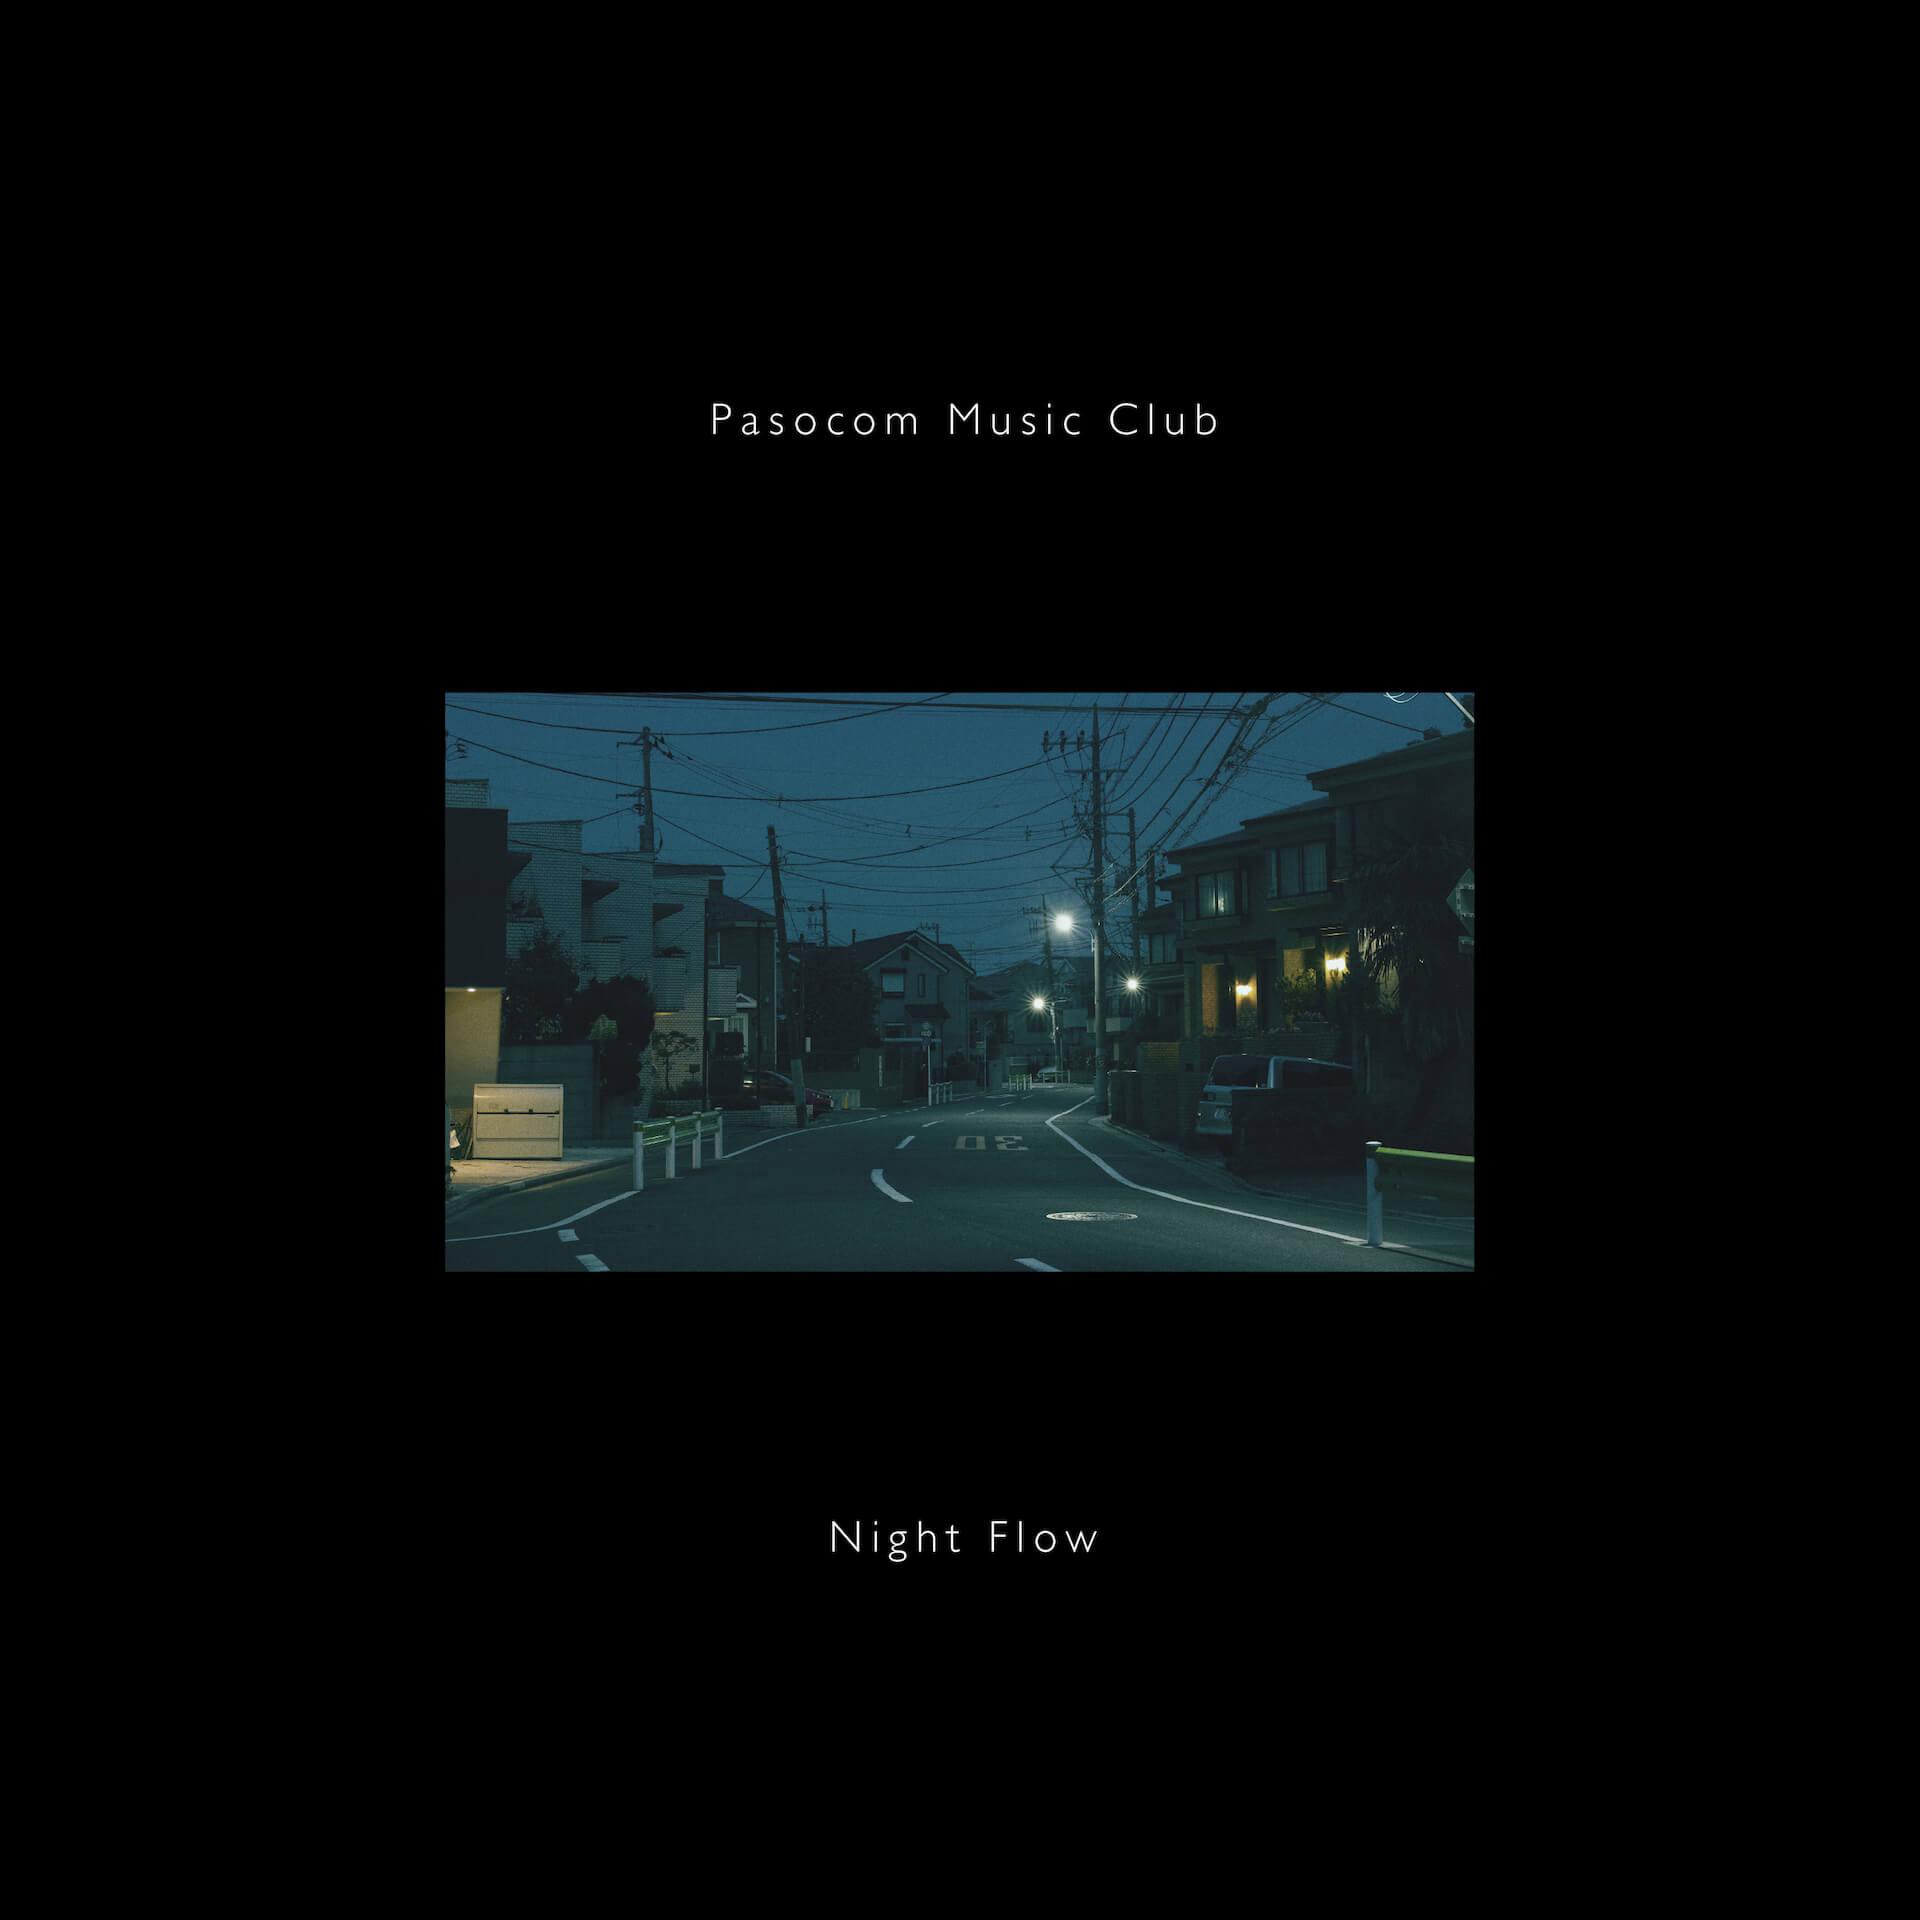 パソコン音楽クラブが9月にセカンド・アルバム『Night Flow』をリリース|イノウエワラビ、unmo、長谷川白紙が参加、マスタリングは得能直也 music190829-pasoconongaku-1